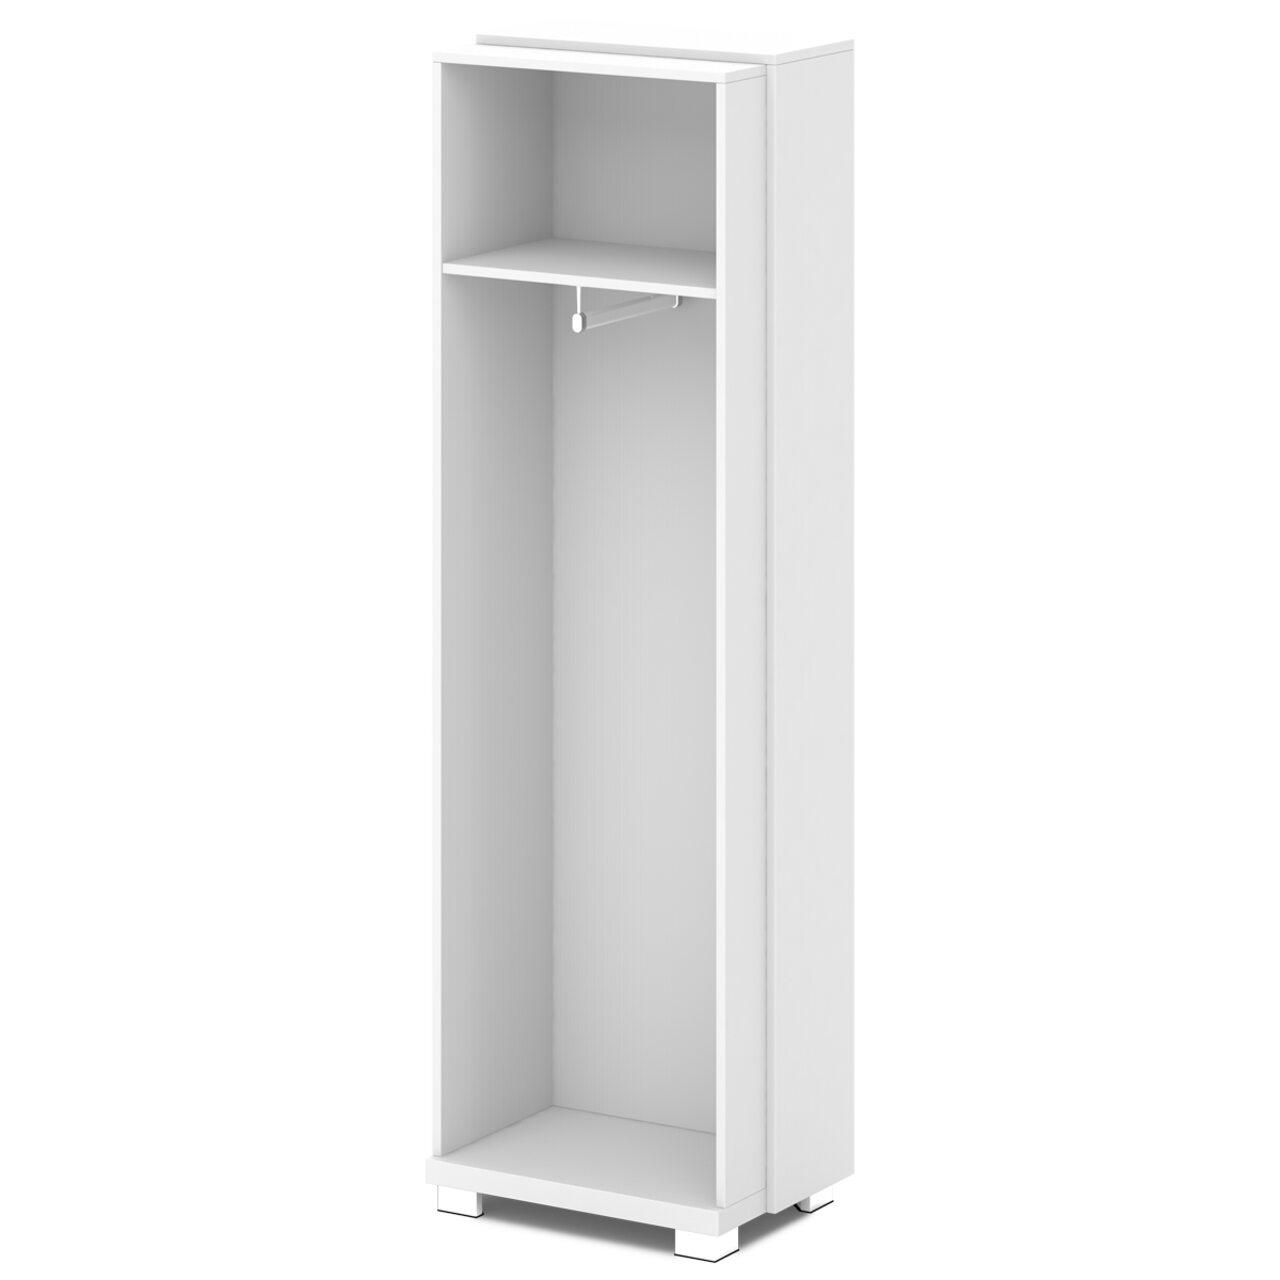 Каркас шкафа для одежды крайний  GRACE 62x44x205 - фото 3